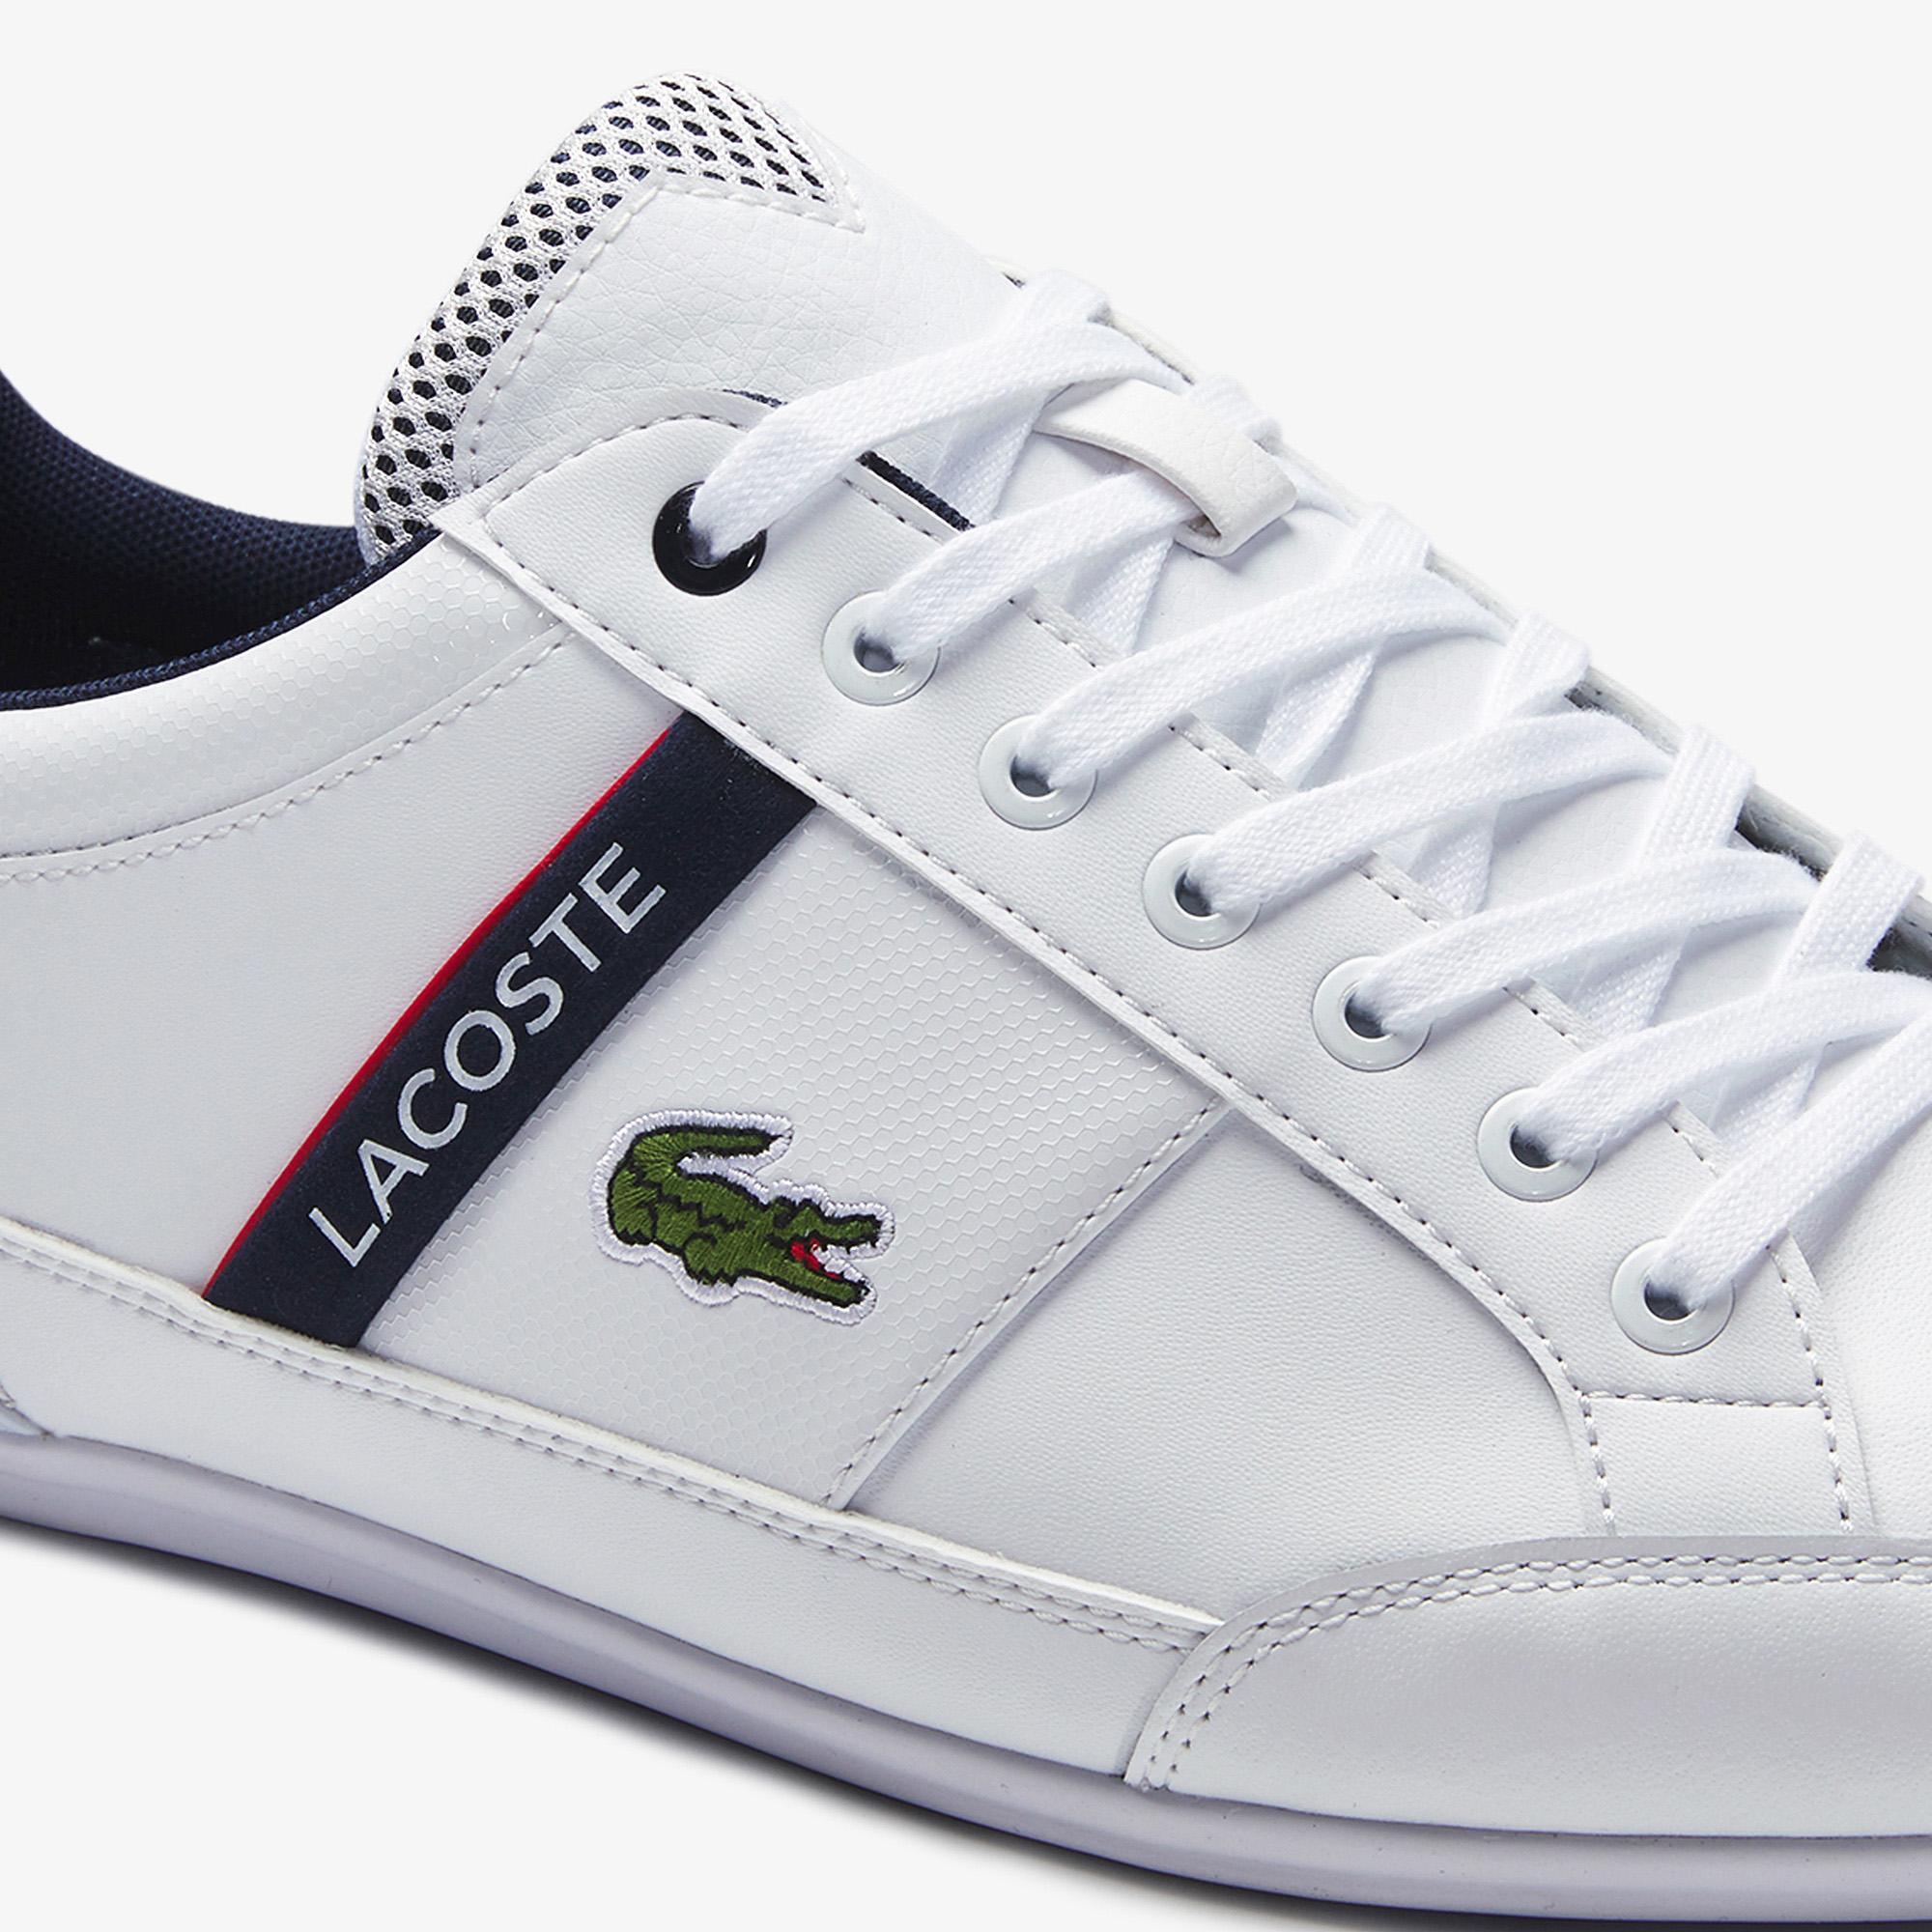 Lacoste Chaymon 0120 2 Cma Erkek Renkli Casual Ayakkabı